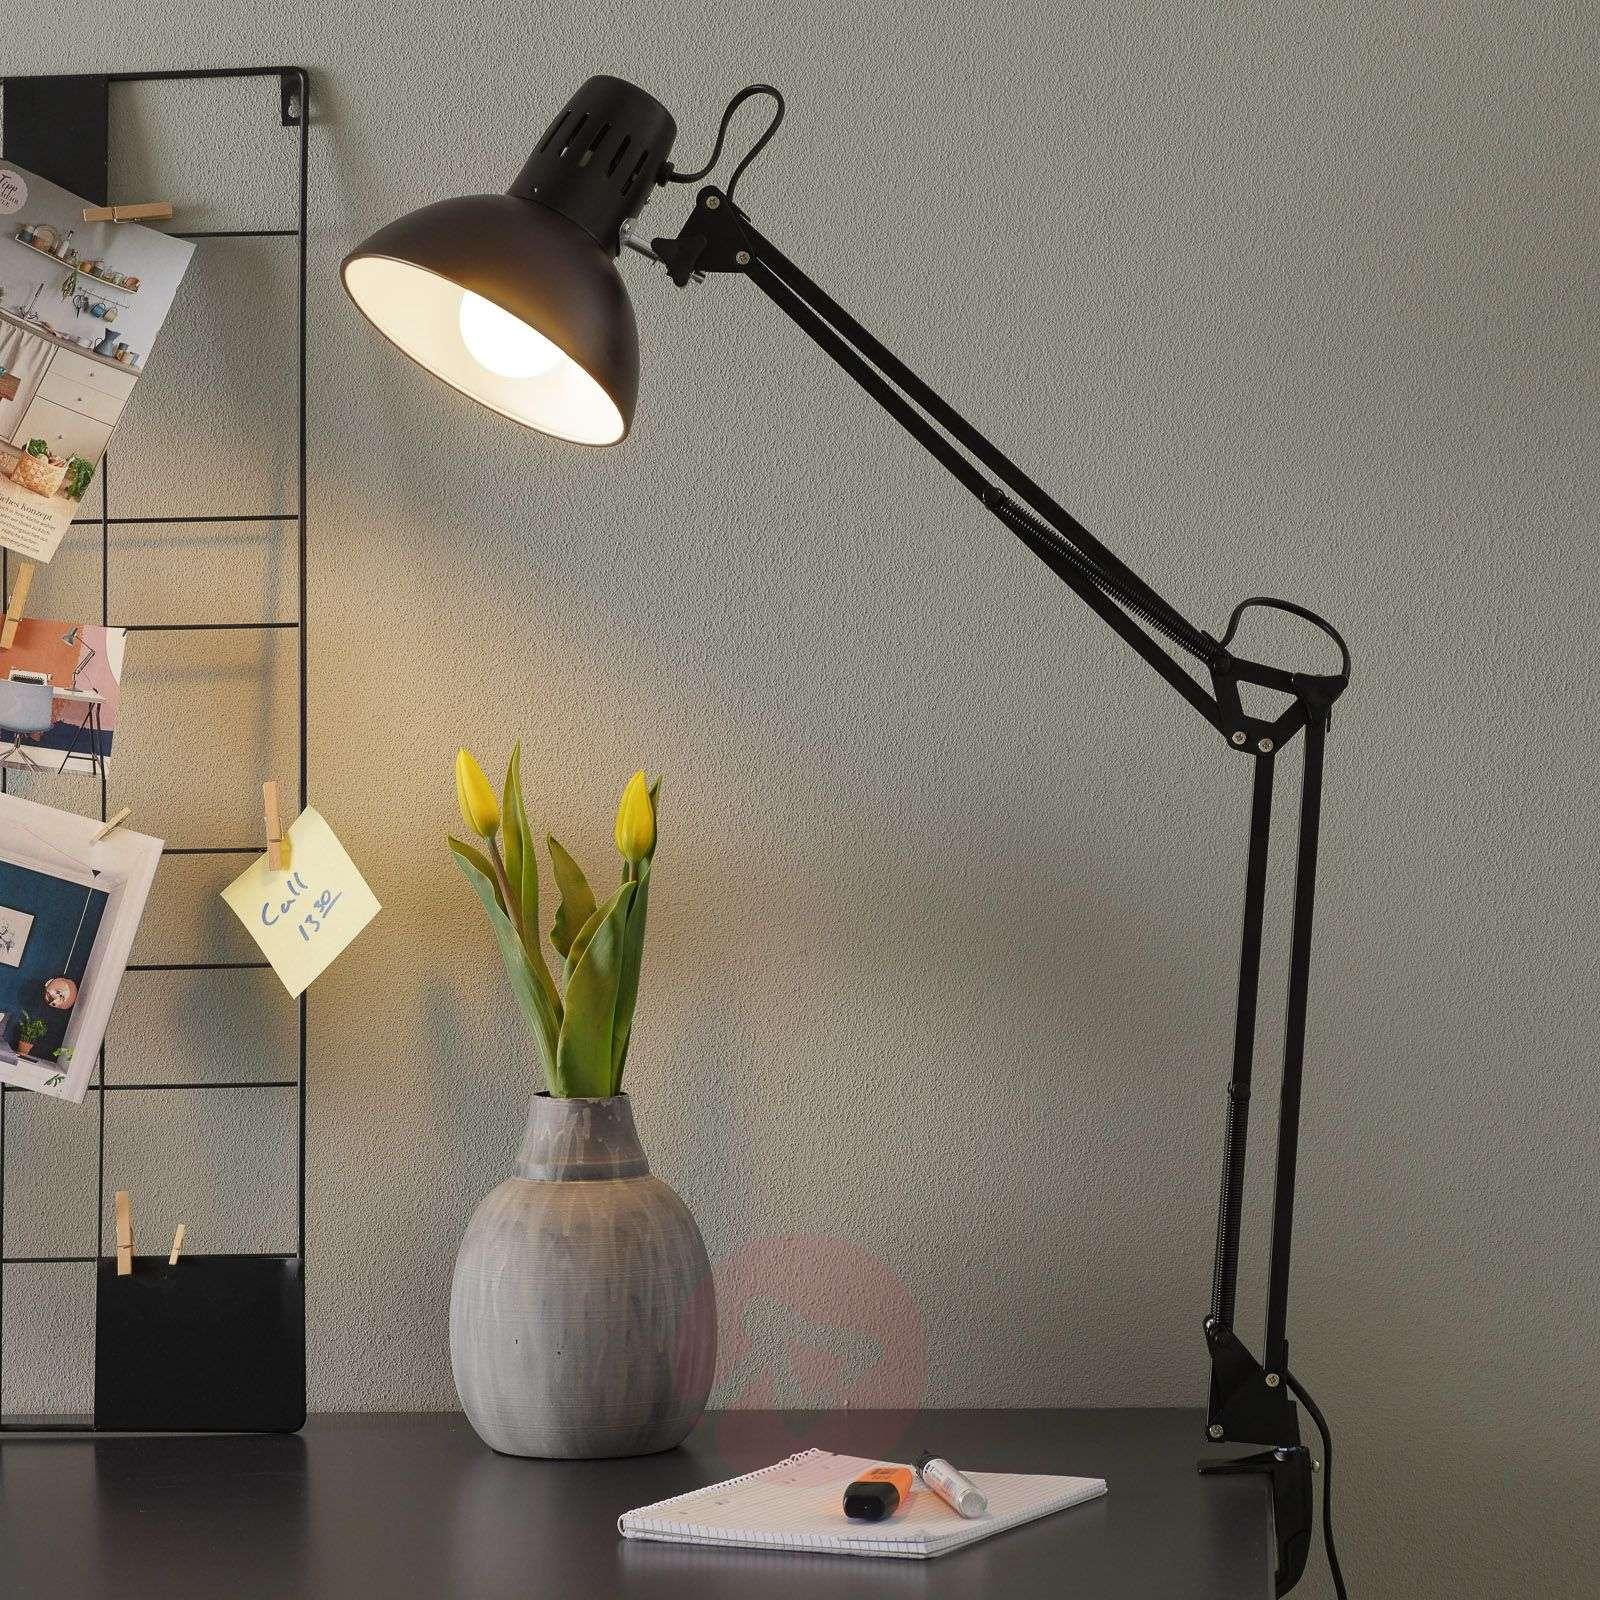 Pitkäikäiset LED-keittiövalaisimet saavat arjen touhuihin sujuvuutta